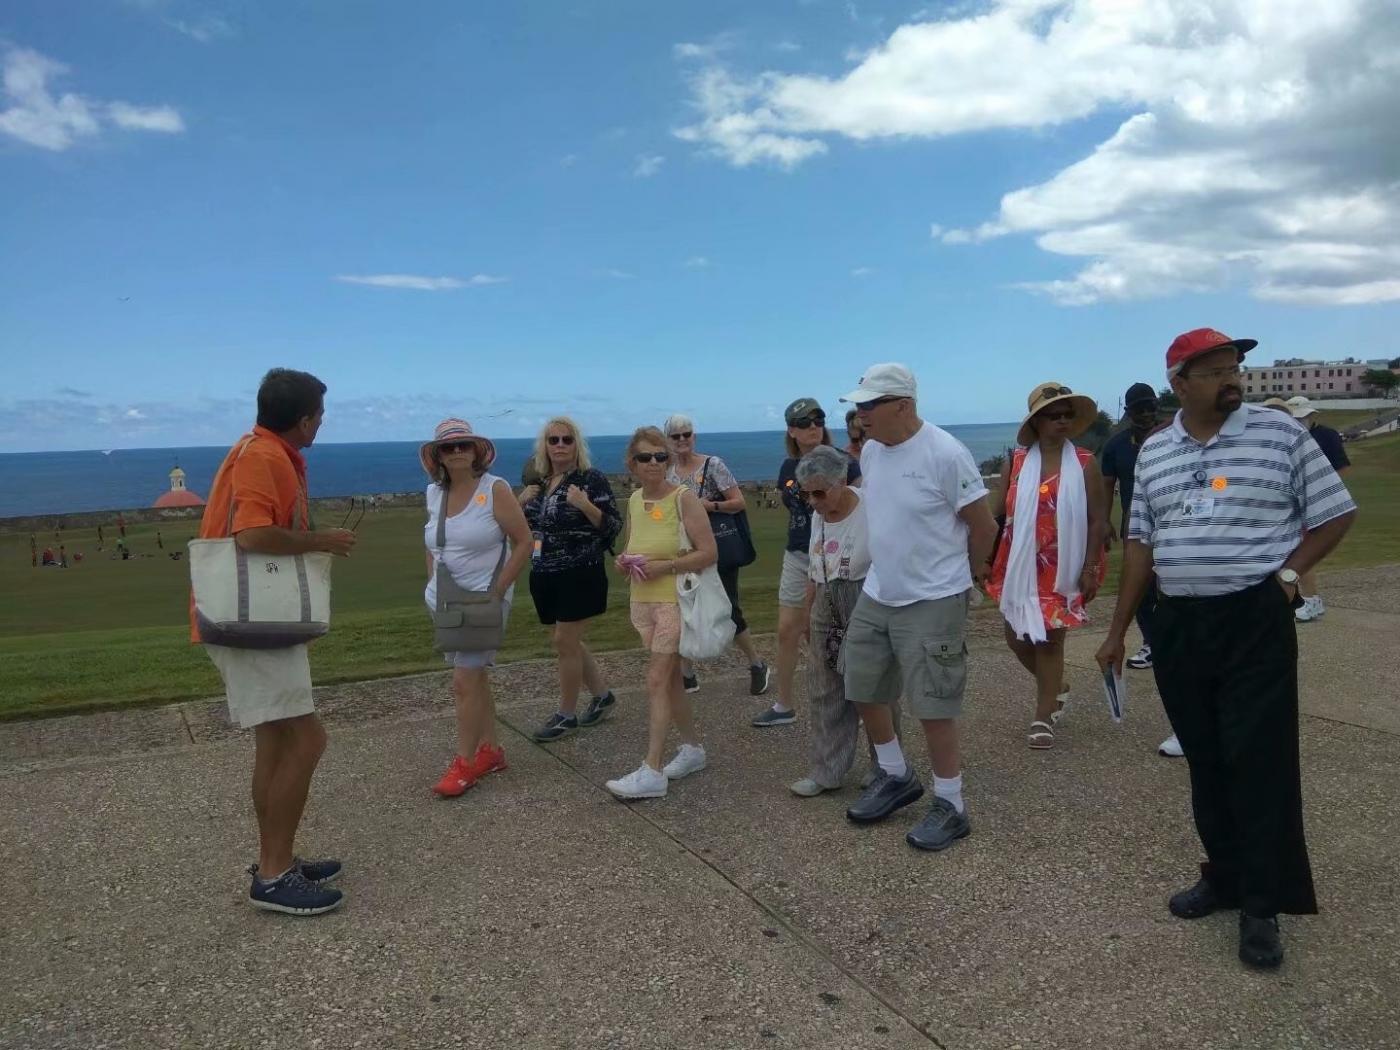 加勒比好人:细心的导游员_图1-2